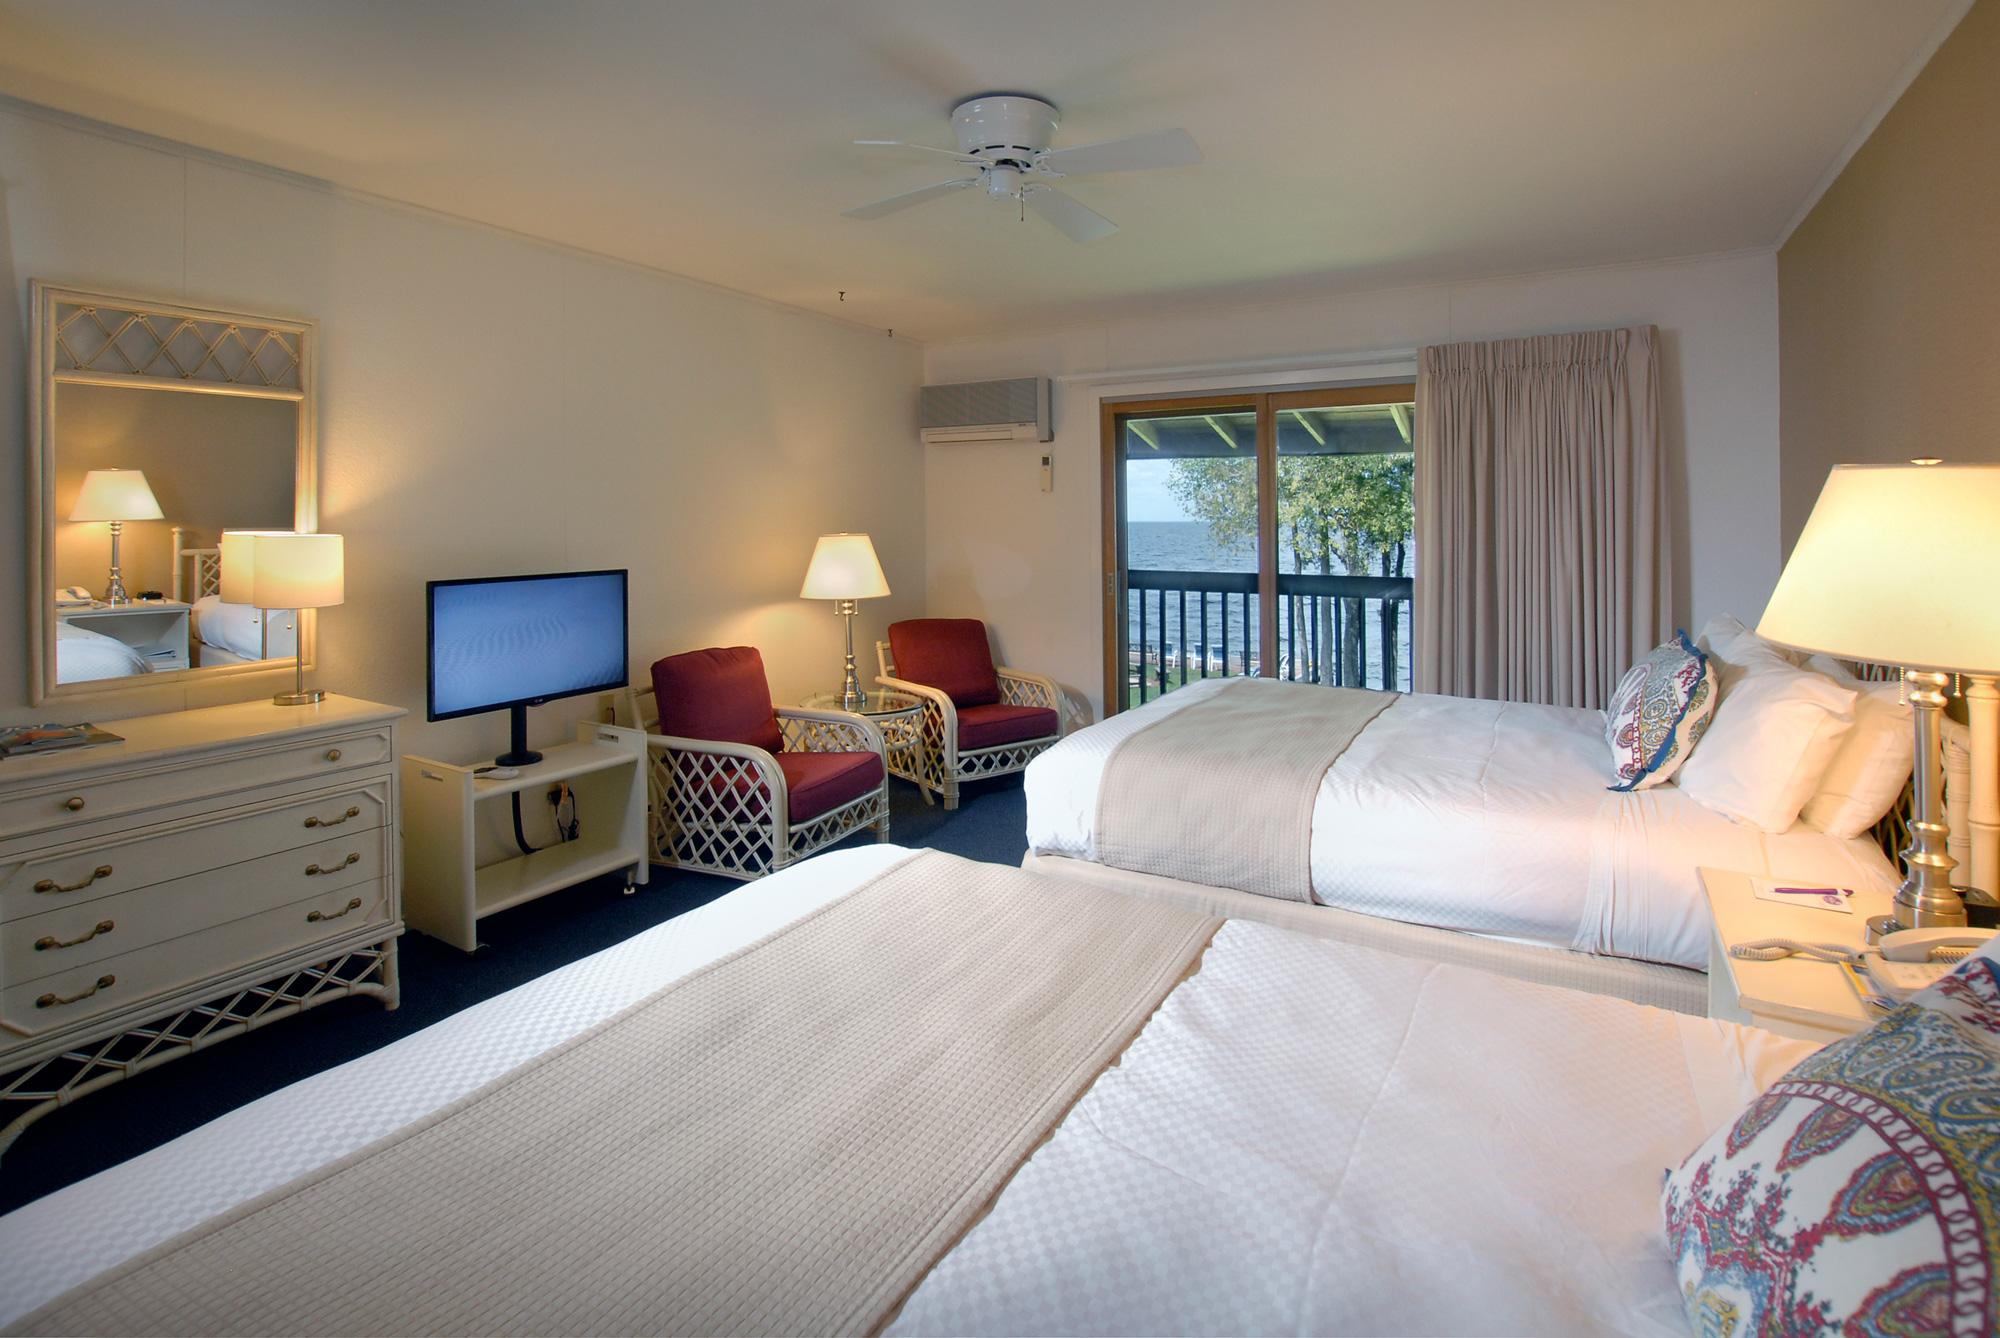 Interior of room at Shoreside motel